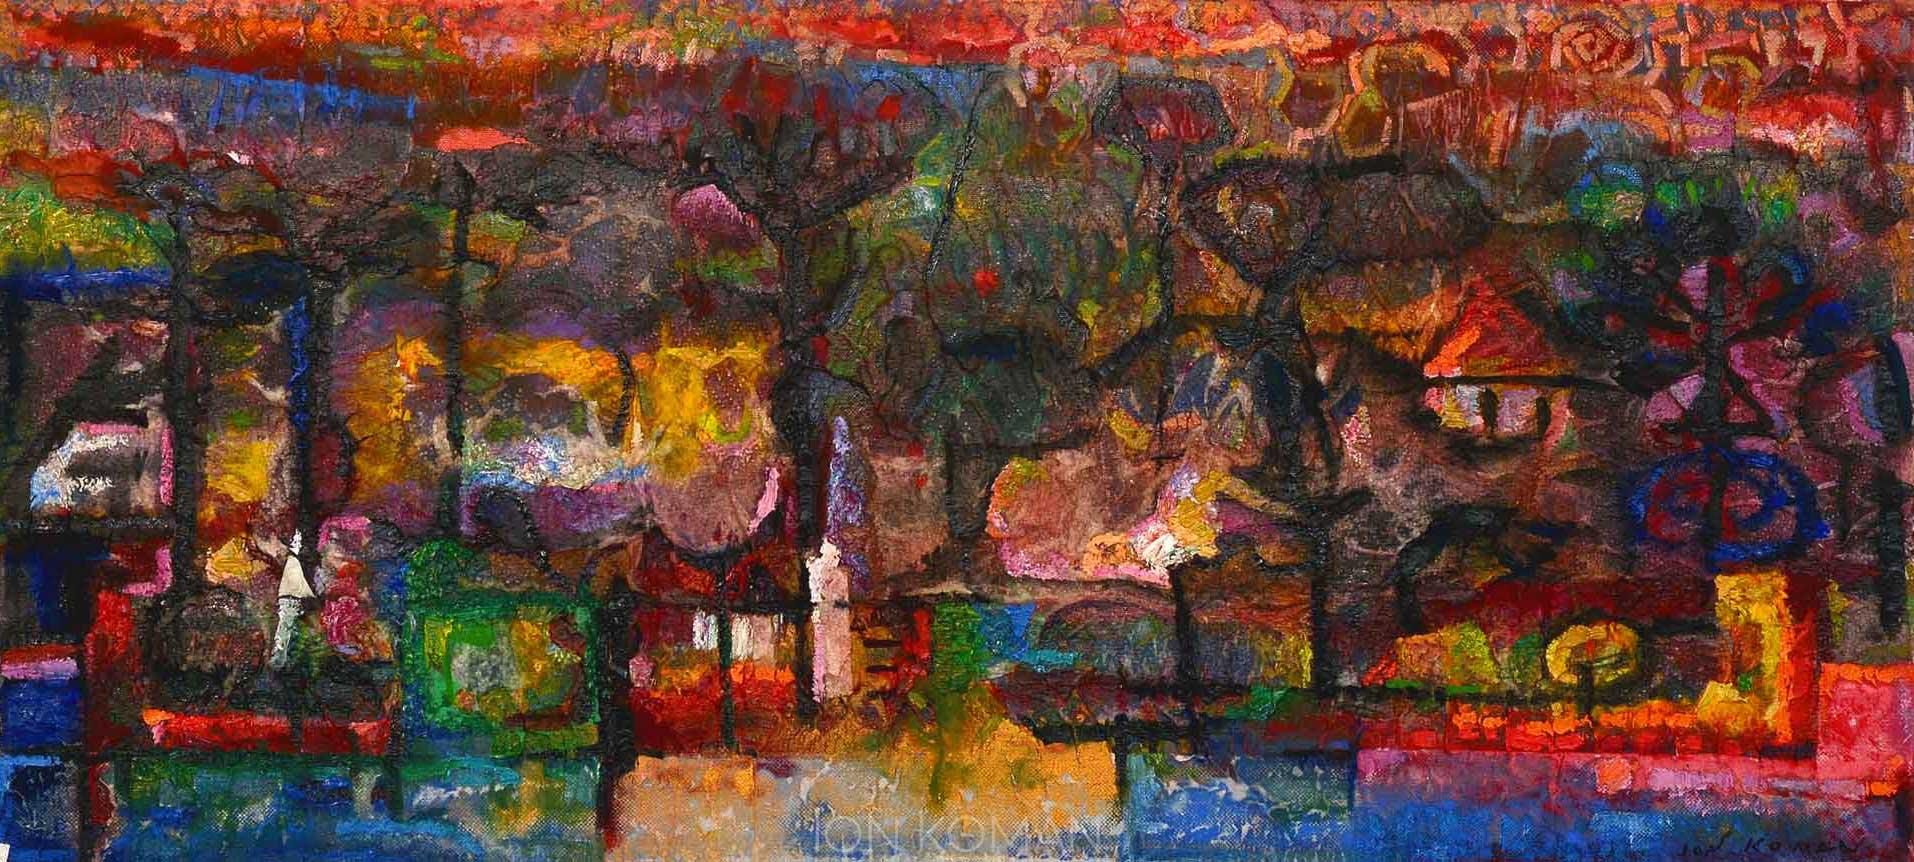 Lungo-il-fiume-2003-tecnica-mista-su-tela-40x100